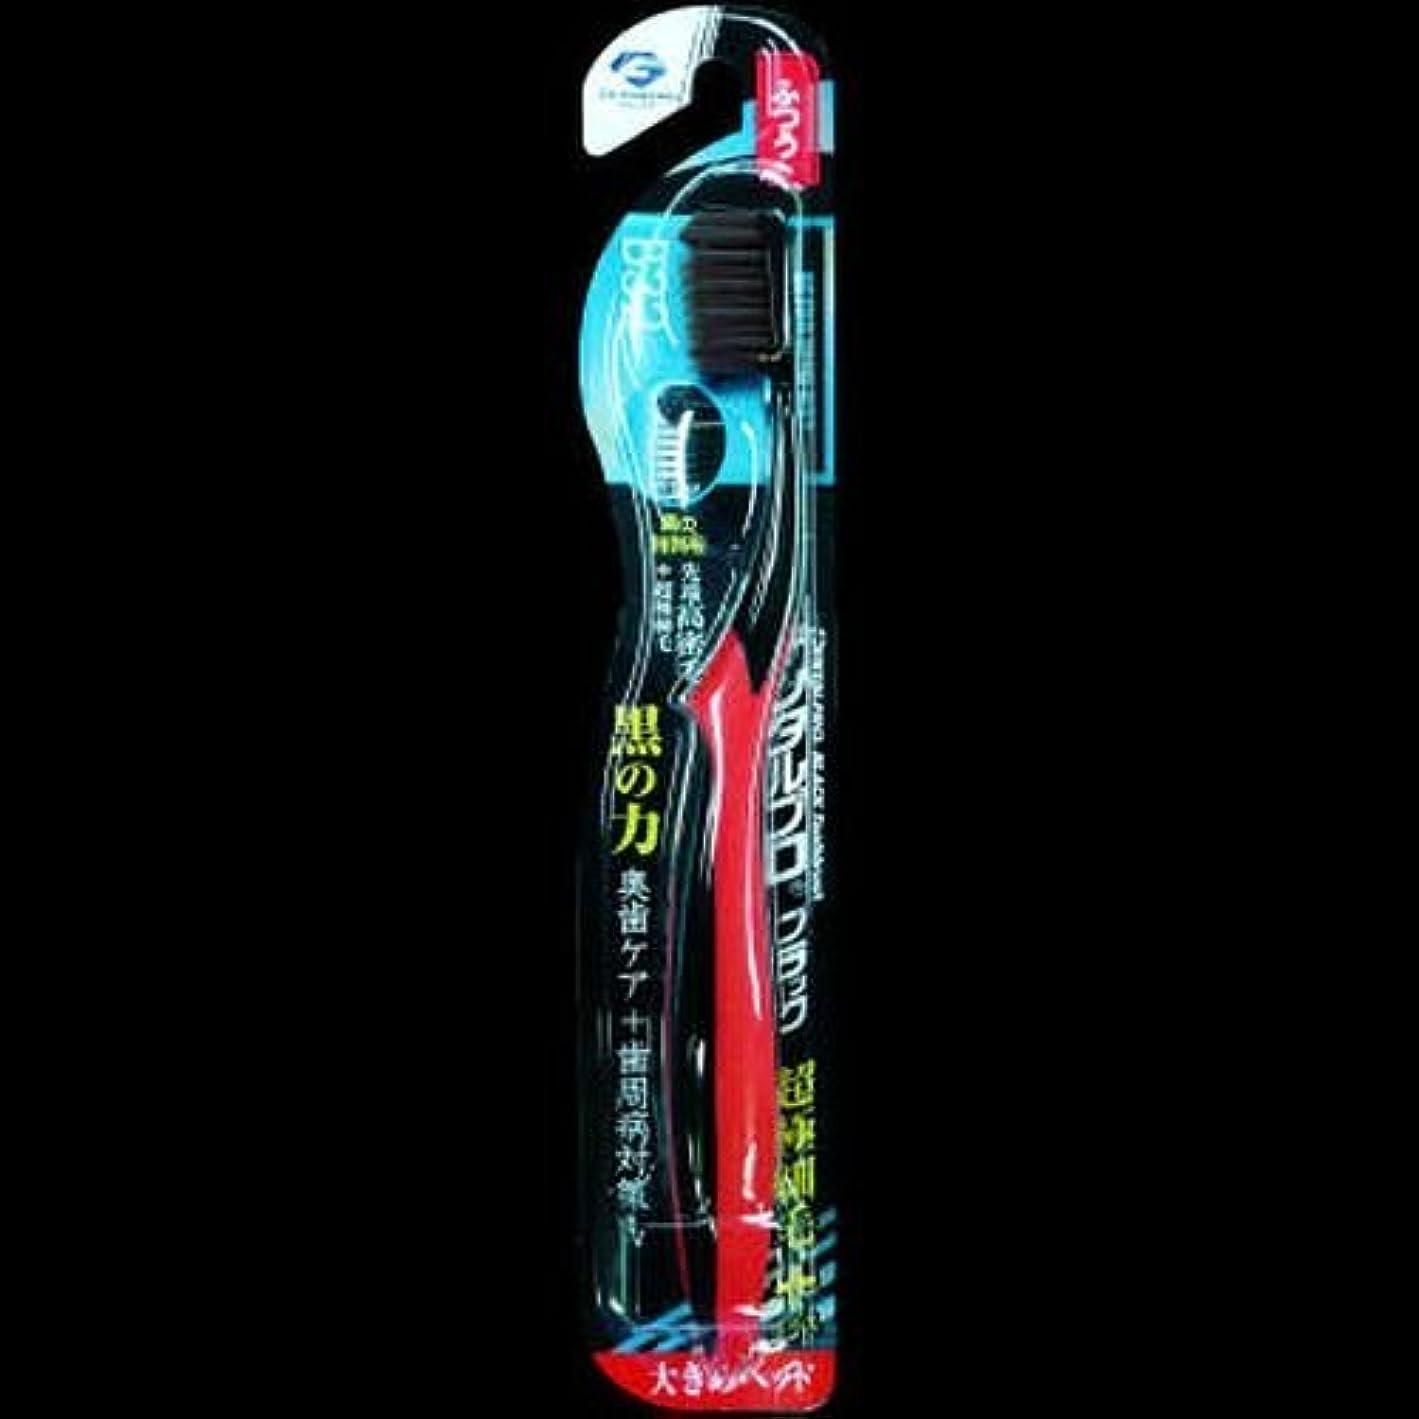 デンタルプロ ブラック歯ブラシ 超極細毛プラス大きめヘッド ふつう ×2セット